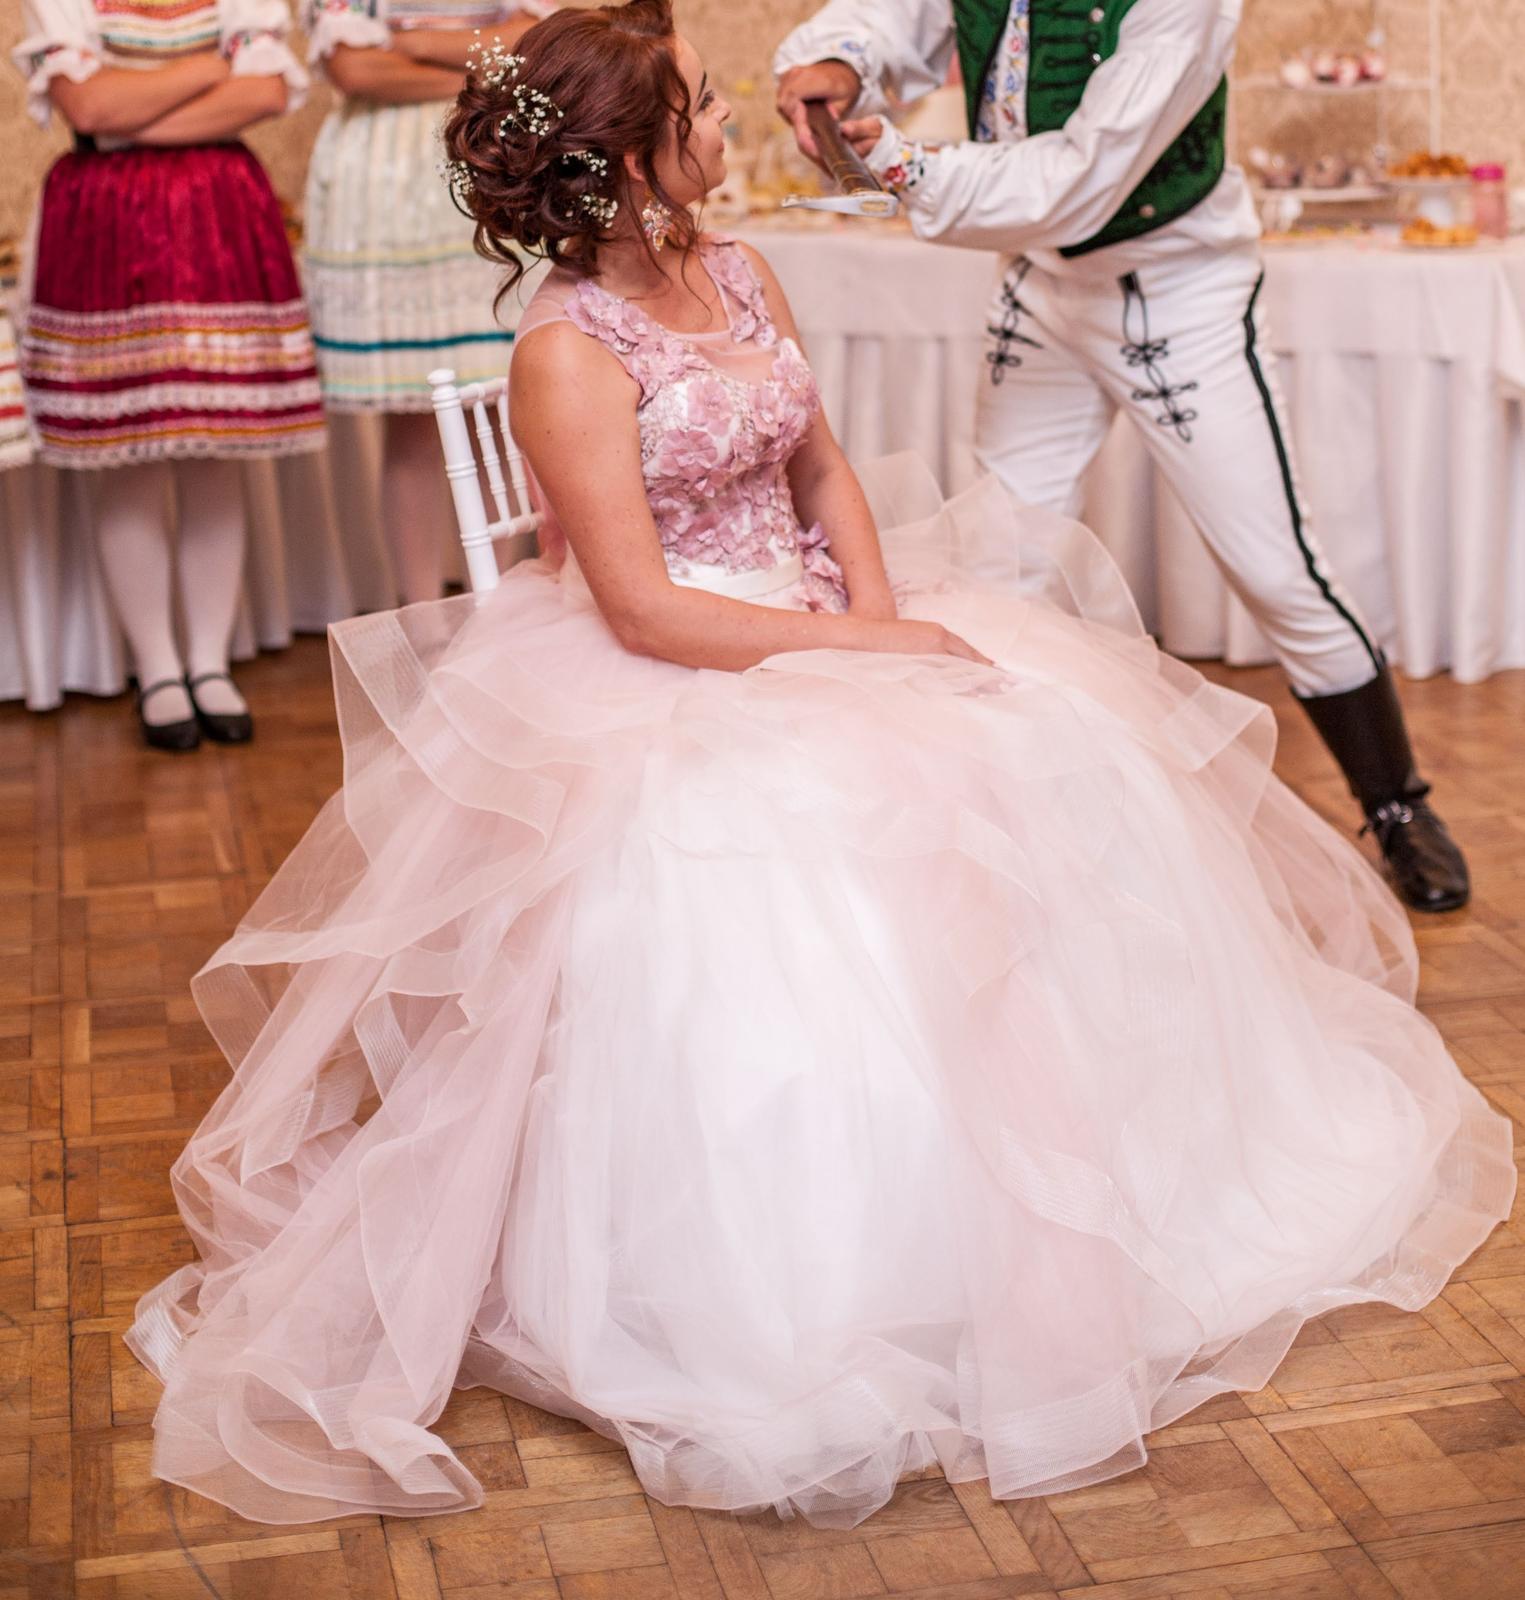 Zaujímavé svadobné šaty - Obrázok č. 1